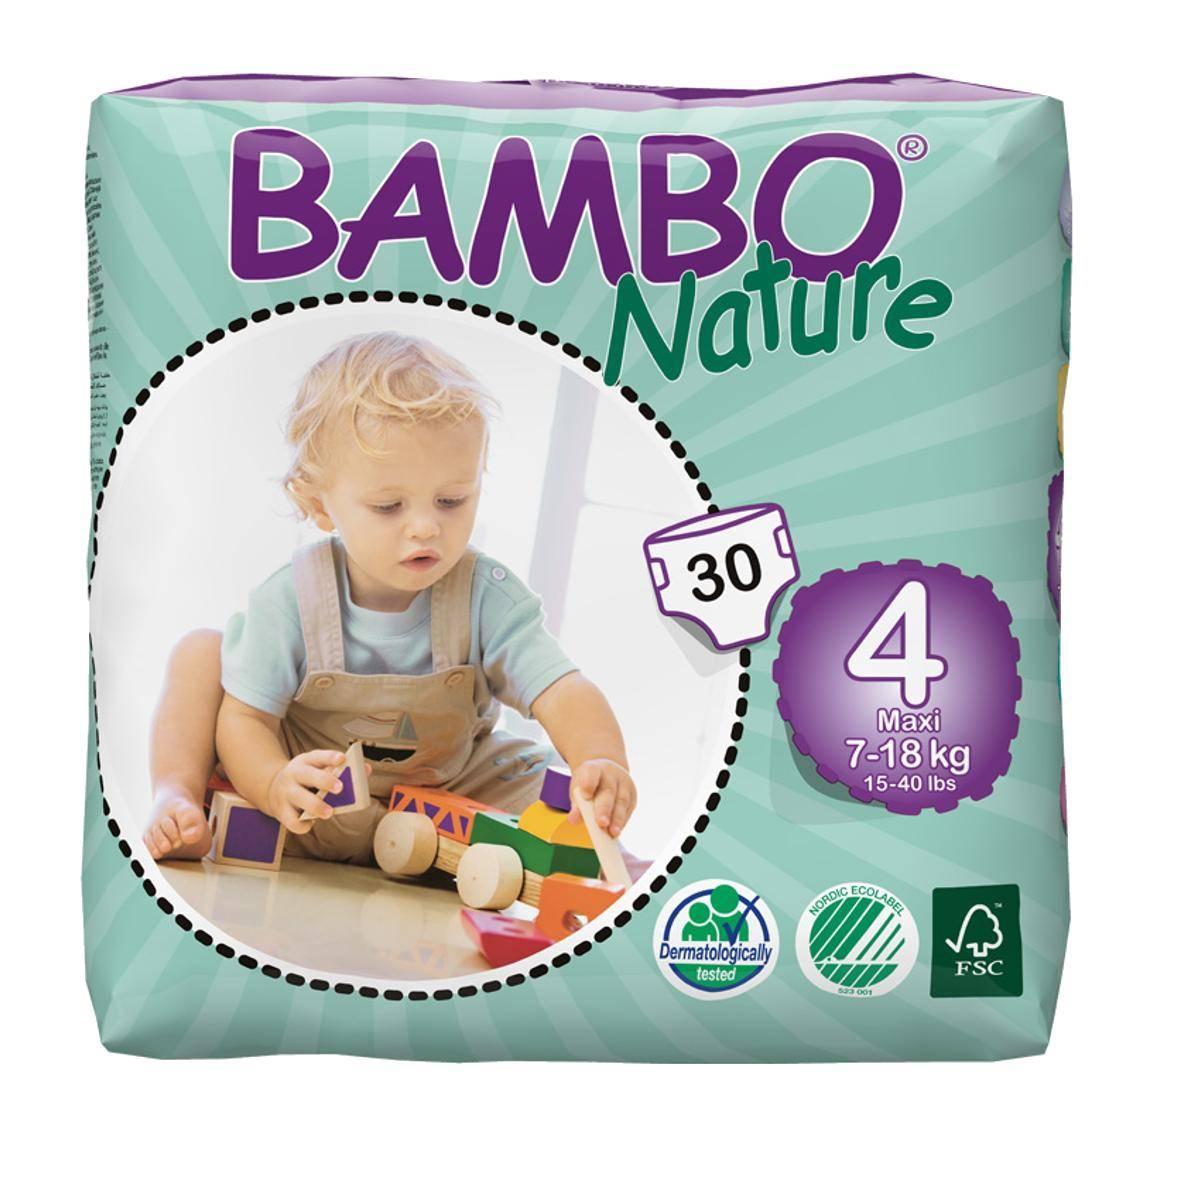 Подгузники Bambo Nature Max 7-18 кг (30 шт), Дания  - купить со скидкой